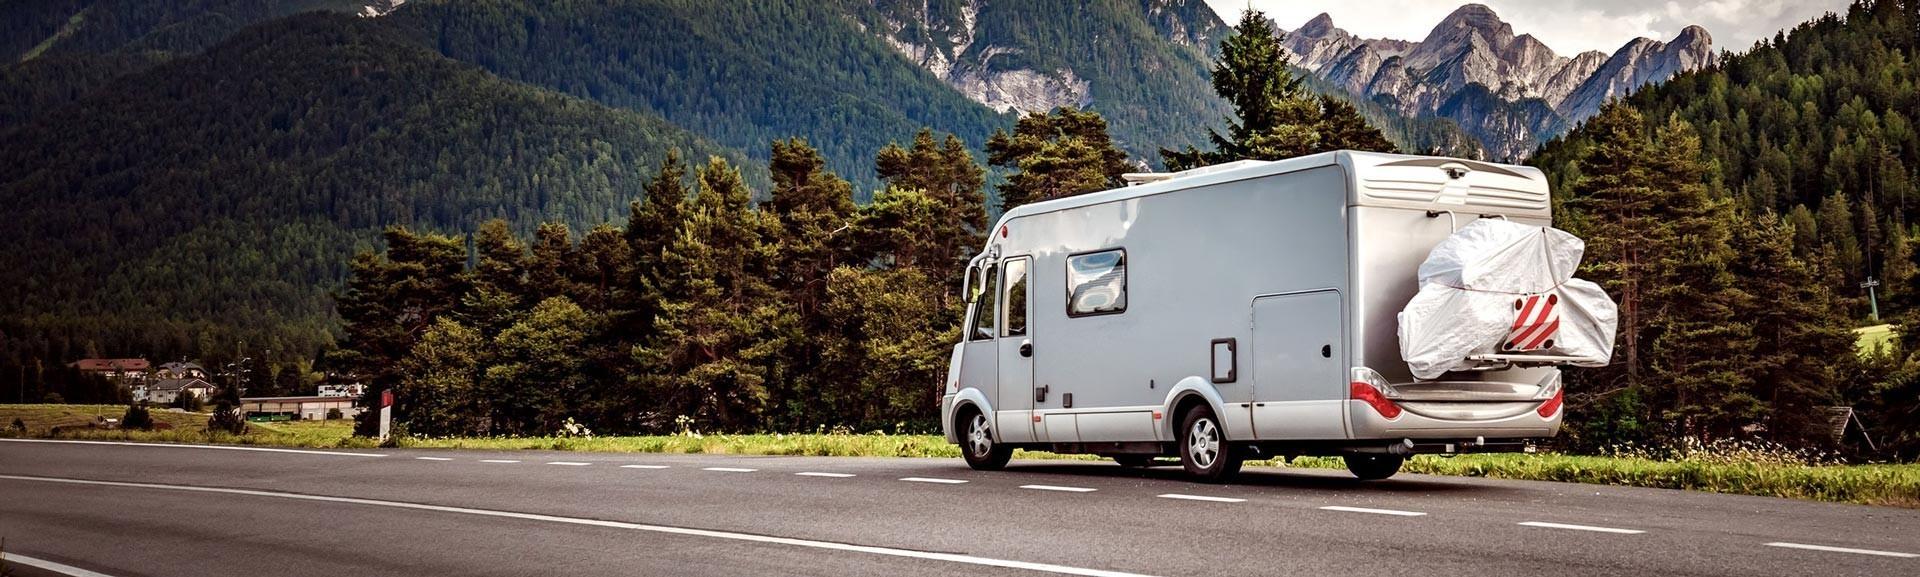 Caravanstore 190-440 (Ver 2005)